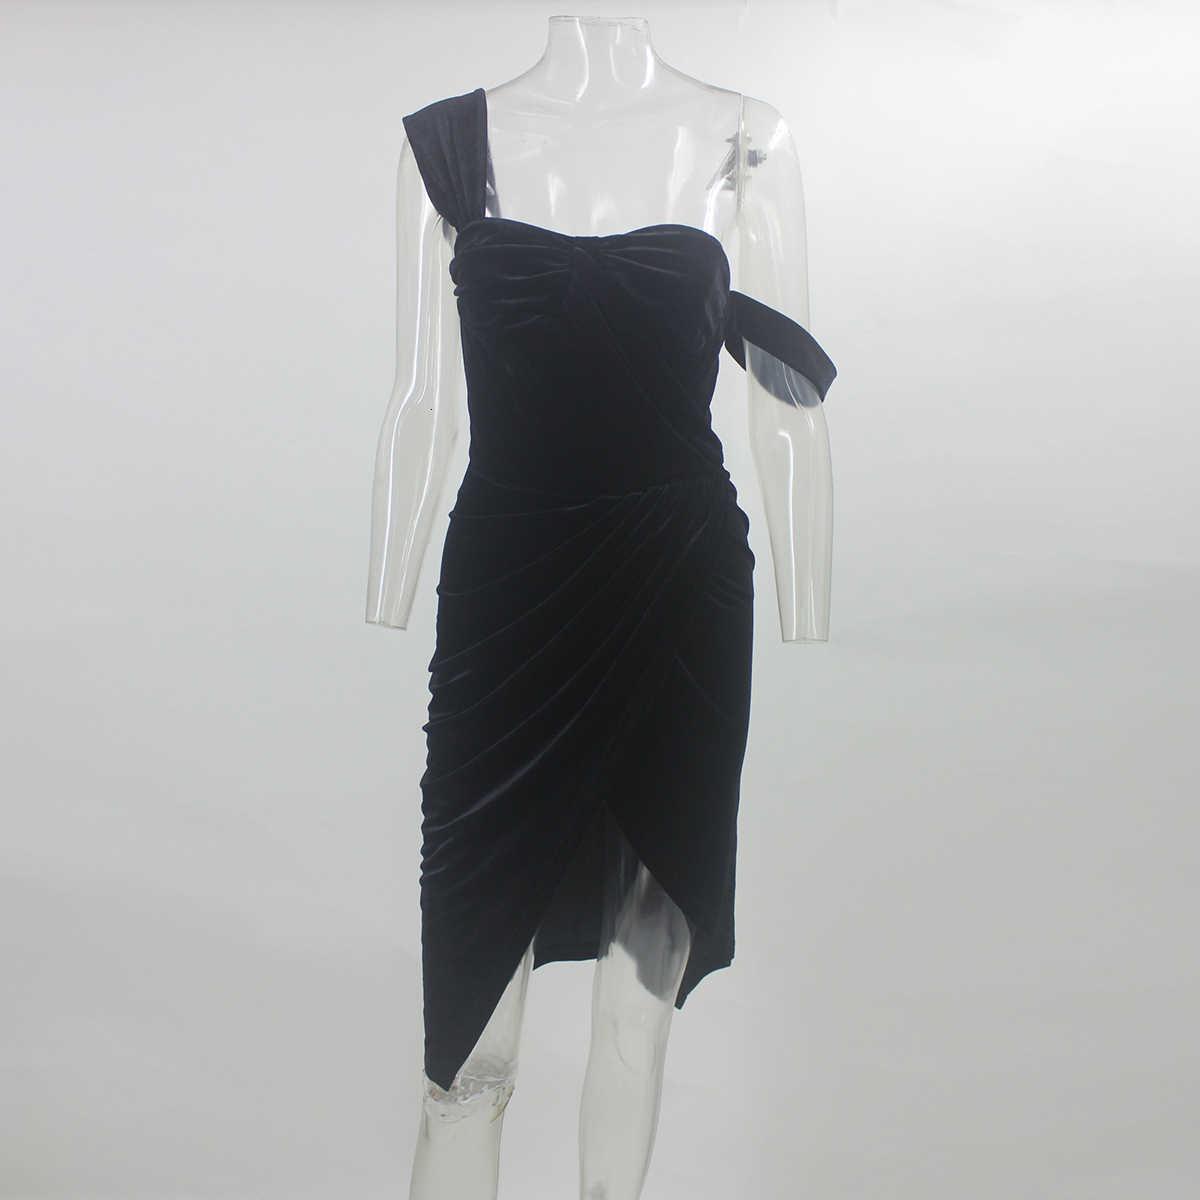 Cosygal 2019 Bên Chia Nhung Gợi Cảm Đêm Ra Clubwear Đầm Dự Tiệc Ôm Body Tay Dài TớI GốI Màu Đen Vestidos